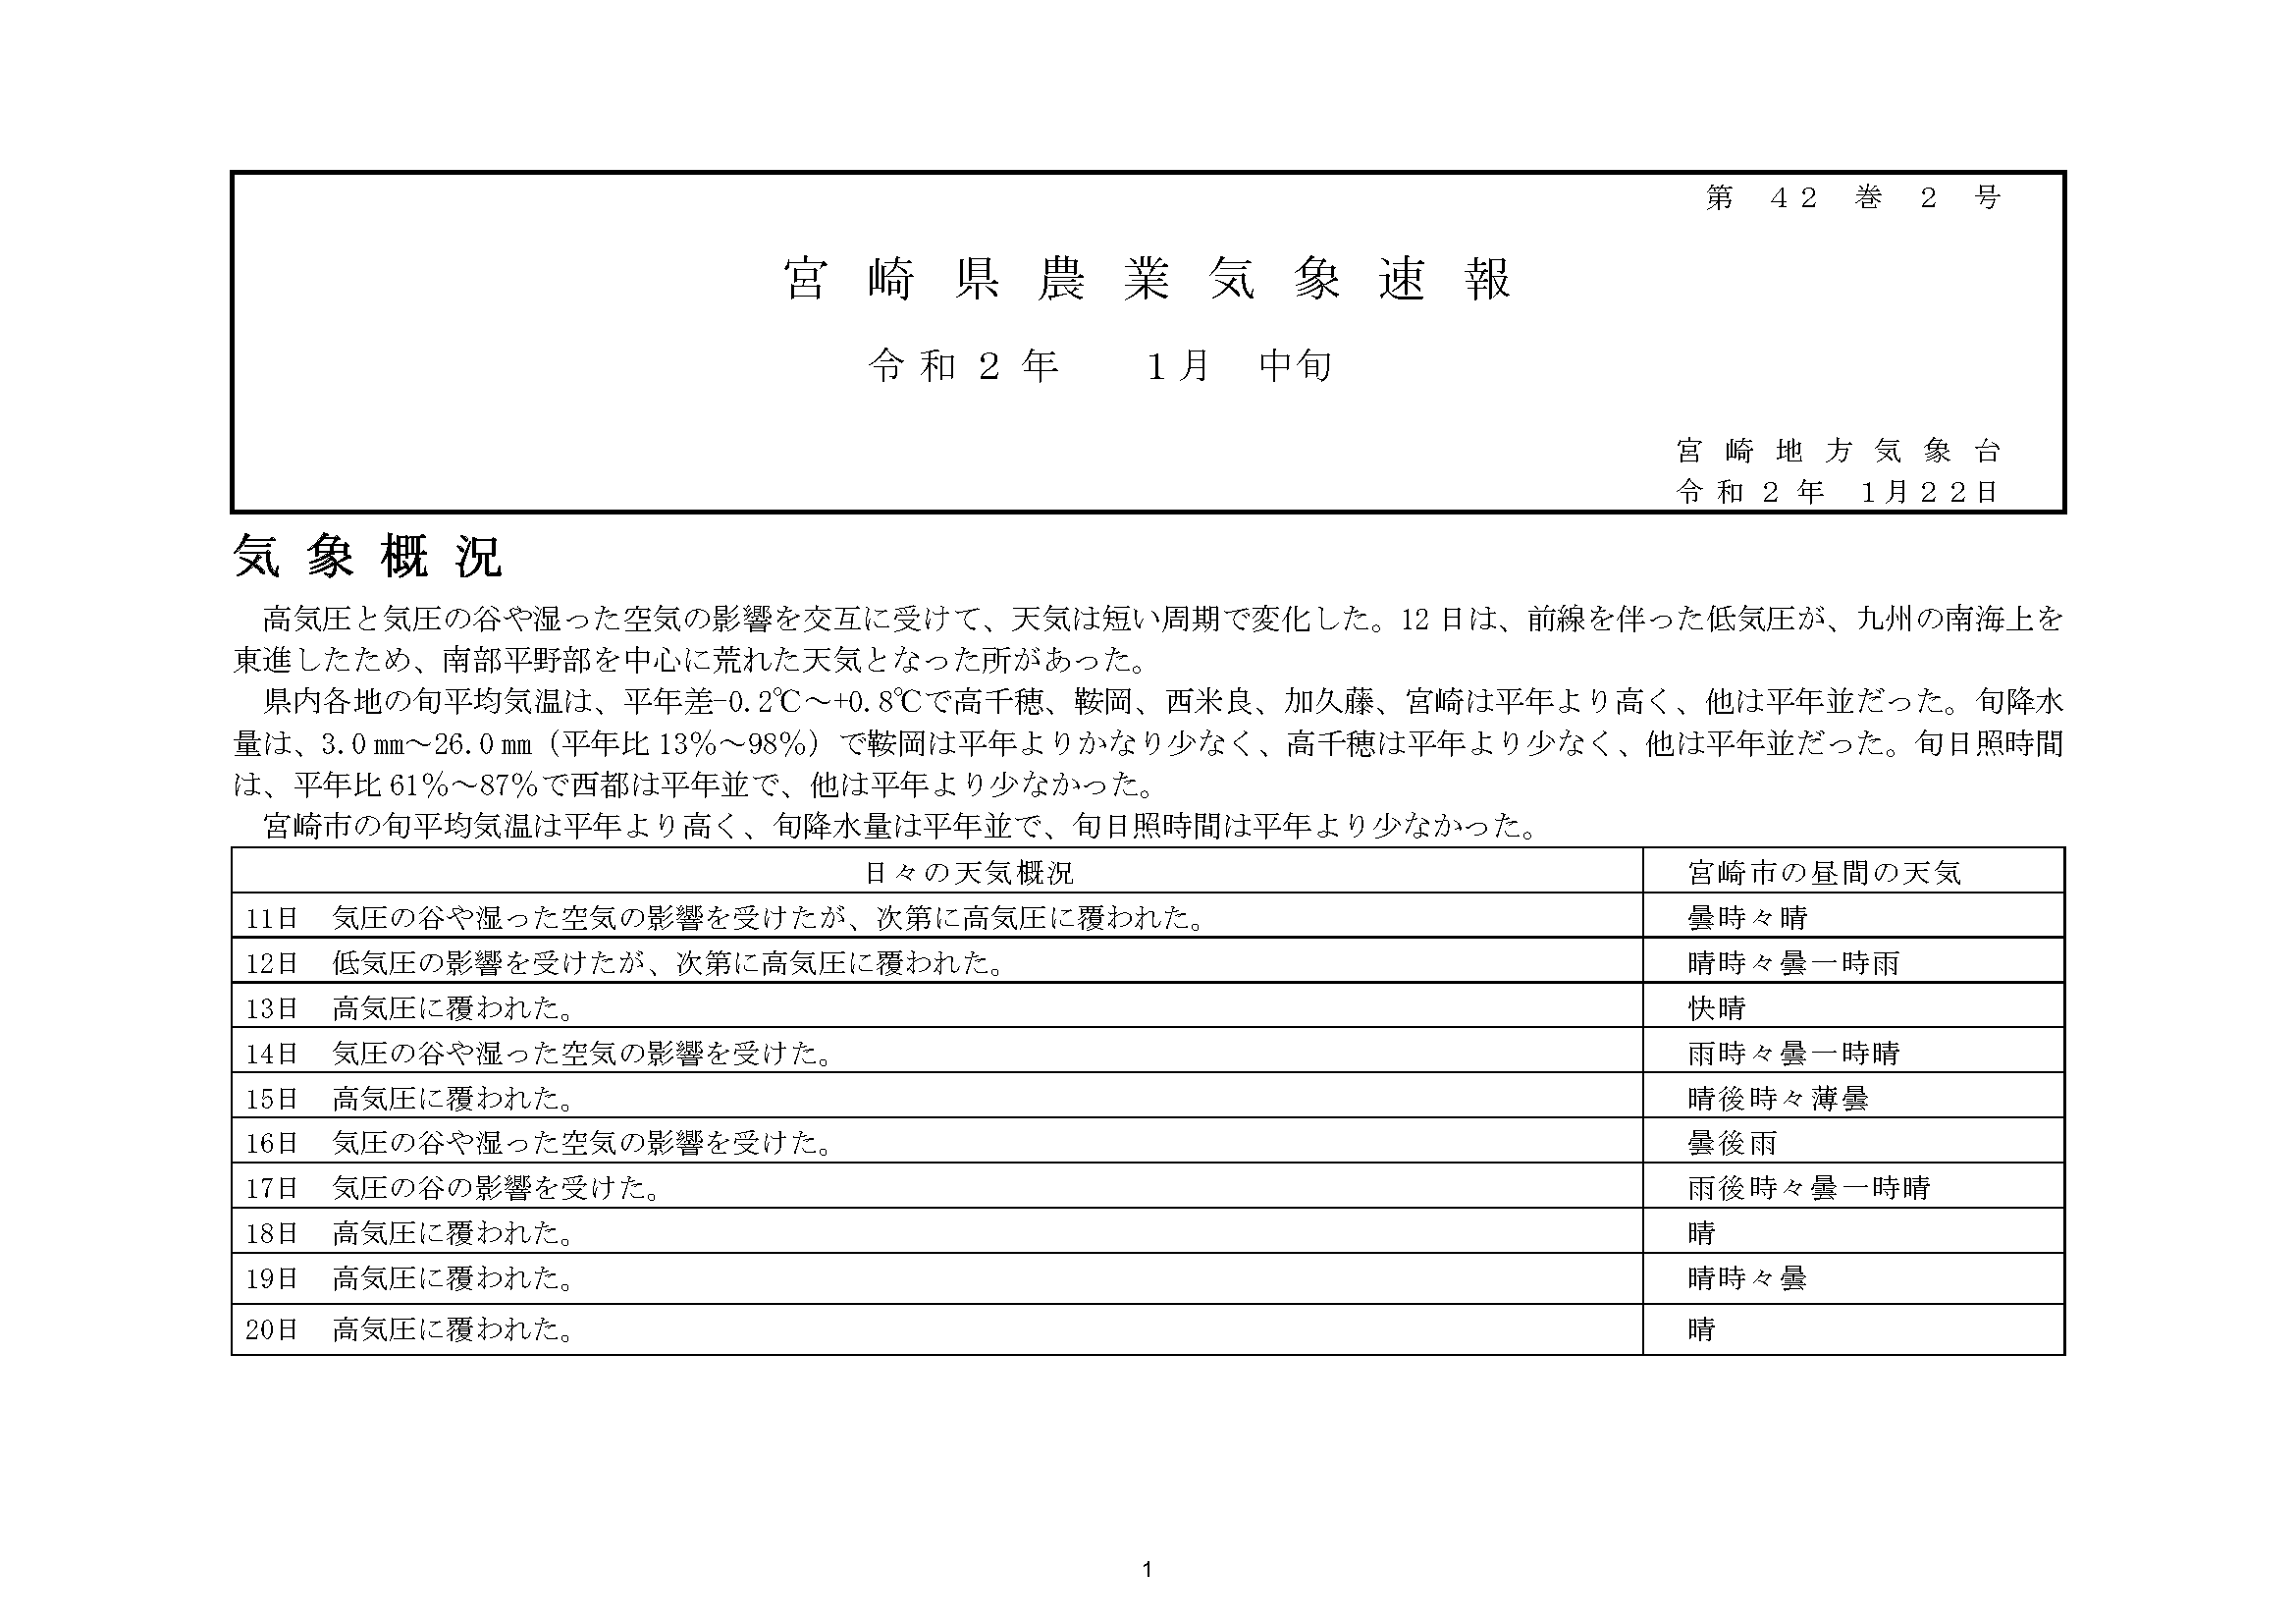 宮崎県農業気象速報令和2年1月中旬PDF